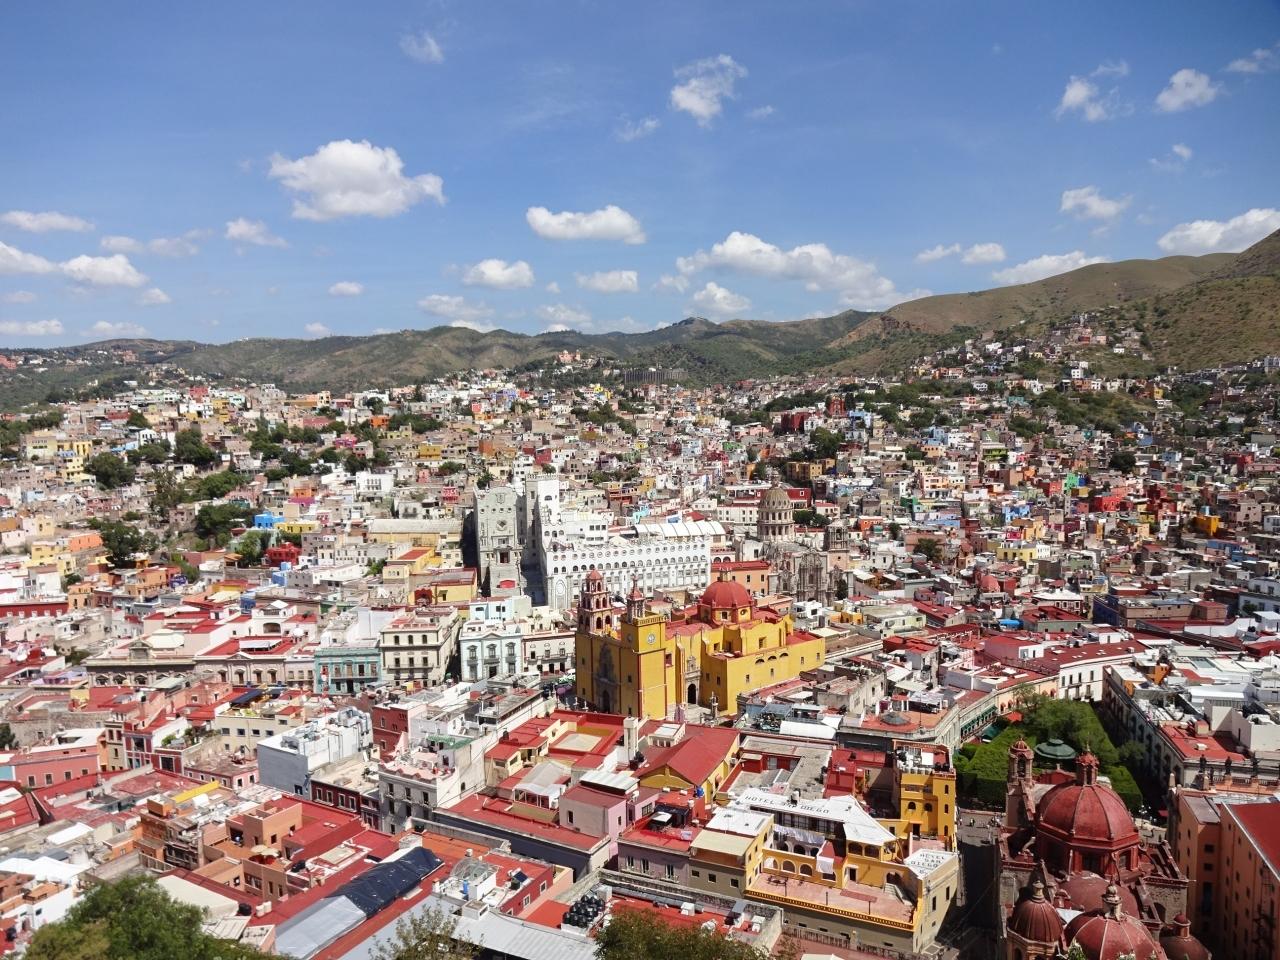 メキシコーグアナファト市街3